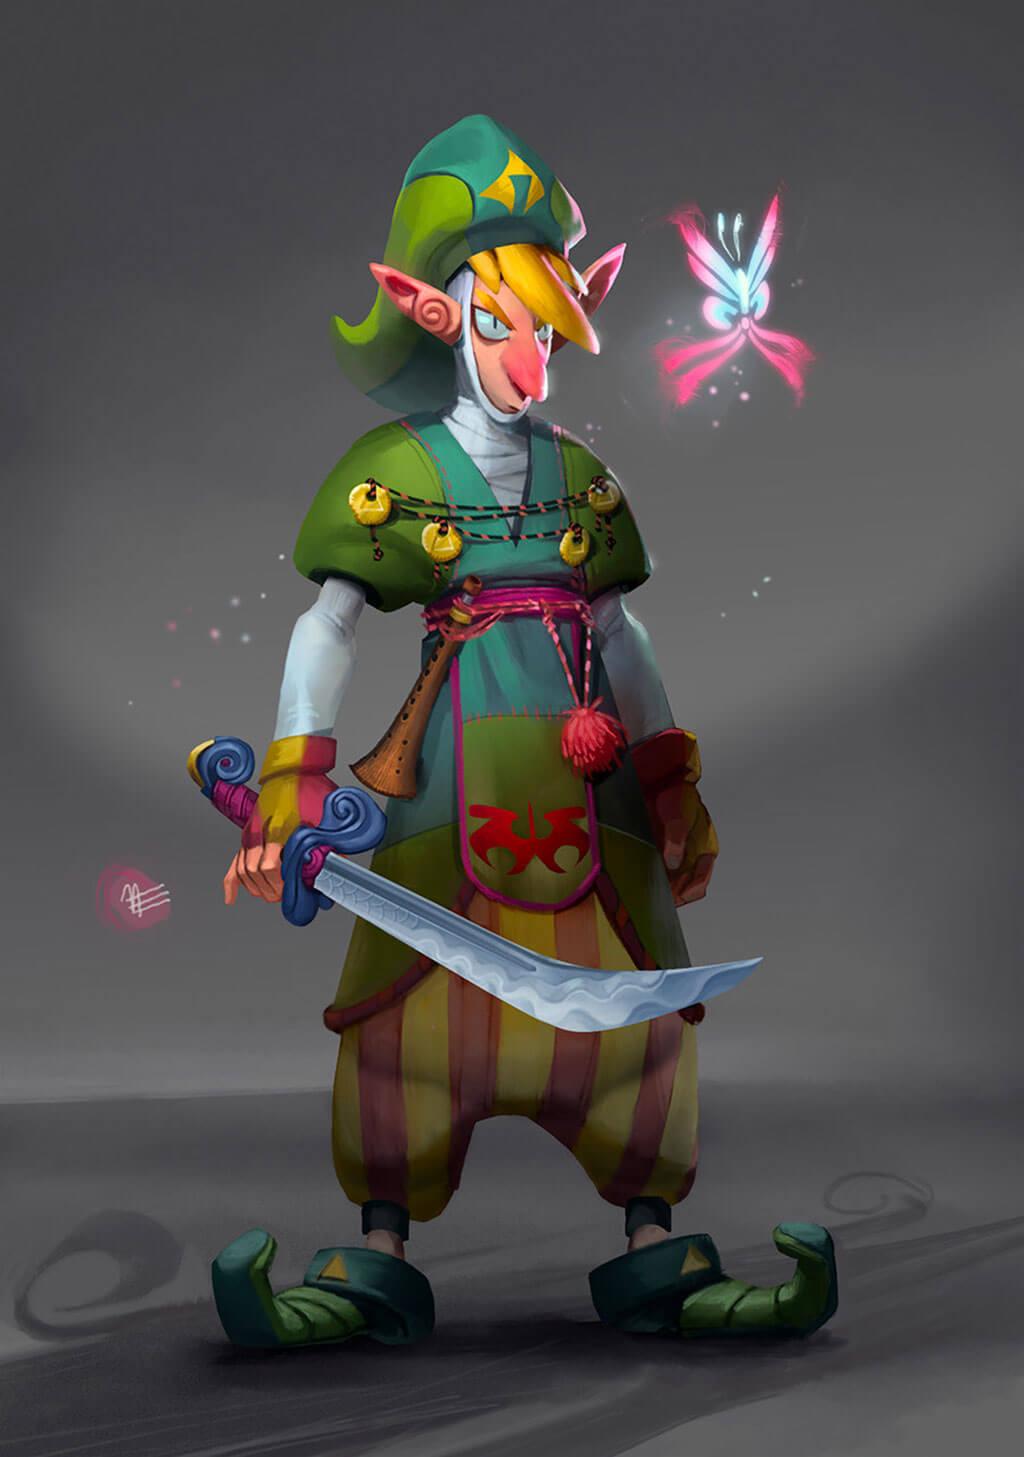 Zelda Fan Art by Nadia Enis